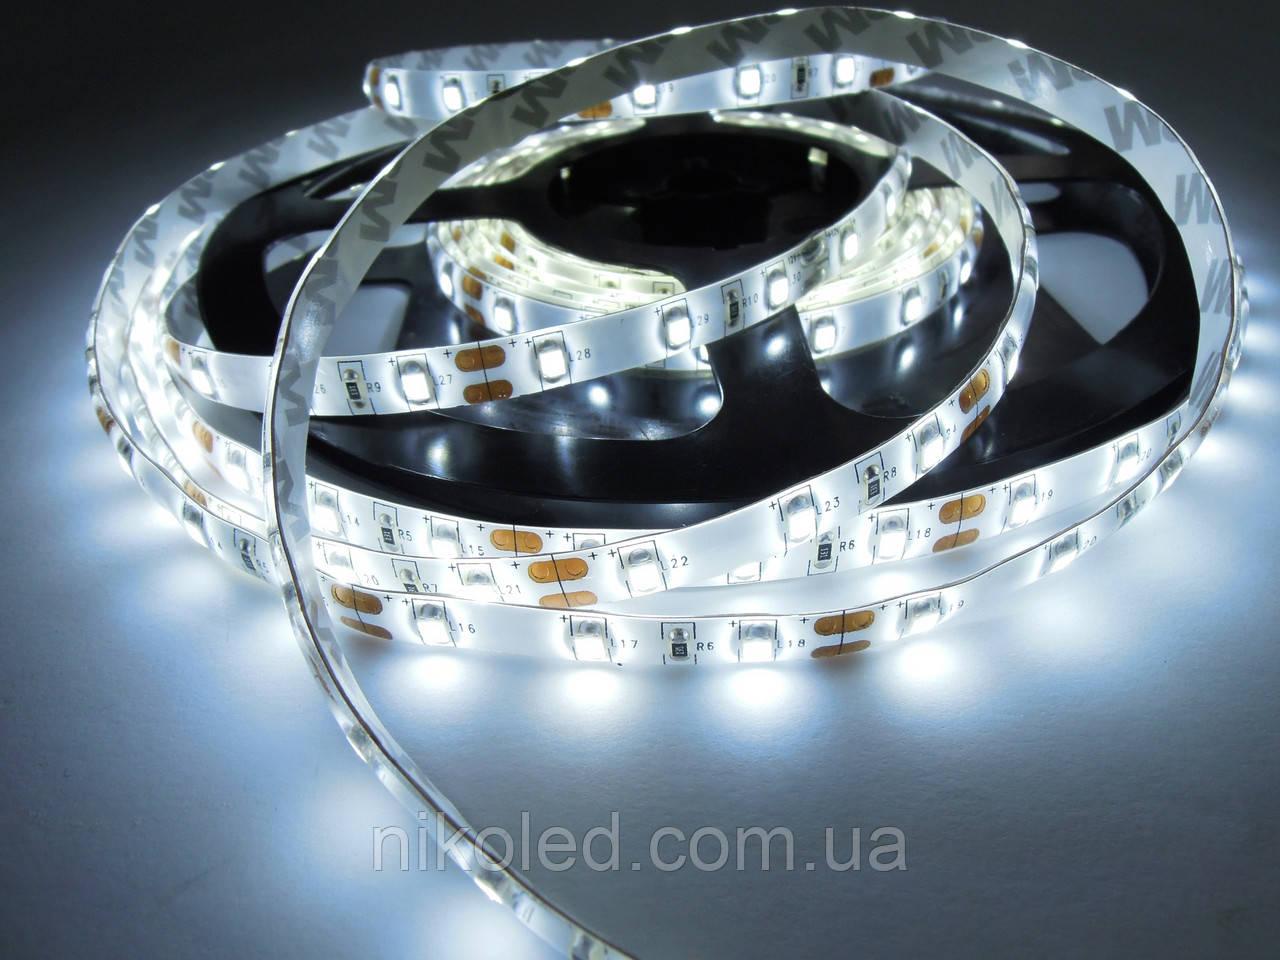 Светодиодная лента SMD 3528-60 премиум серия 5-6Лм IP65 в силиконе Белый